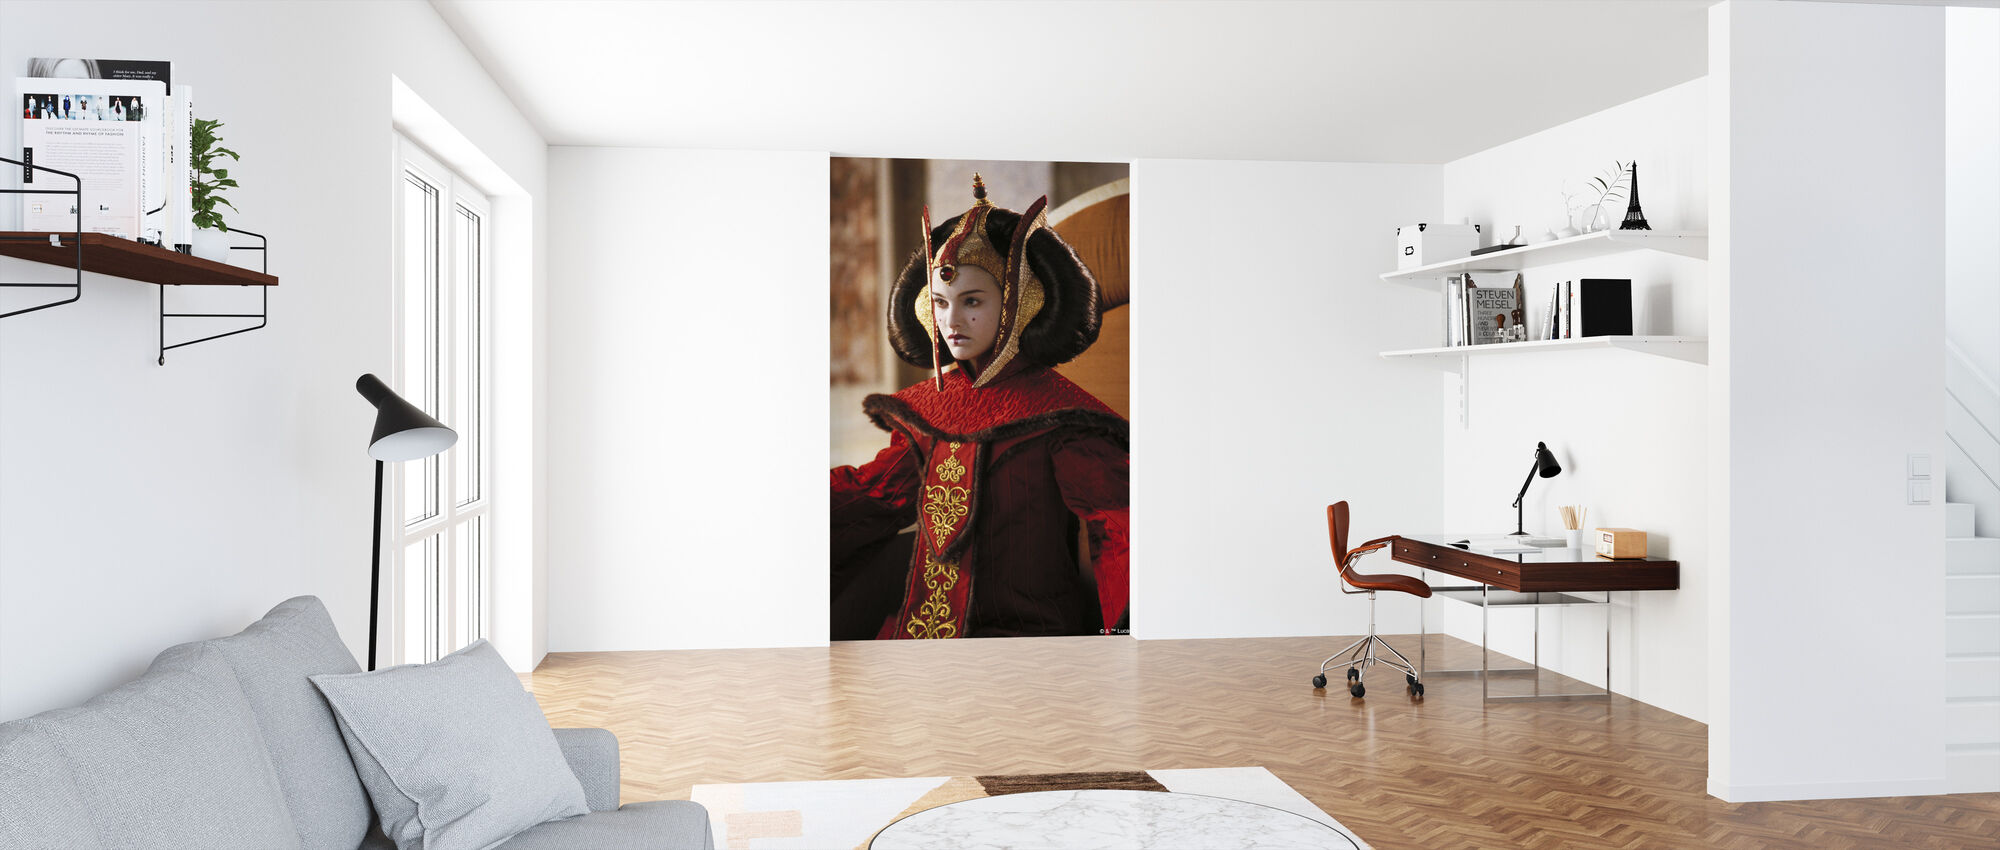 Star Wars - Padme Amidala i trone værelse - Tapet - Kontor